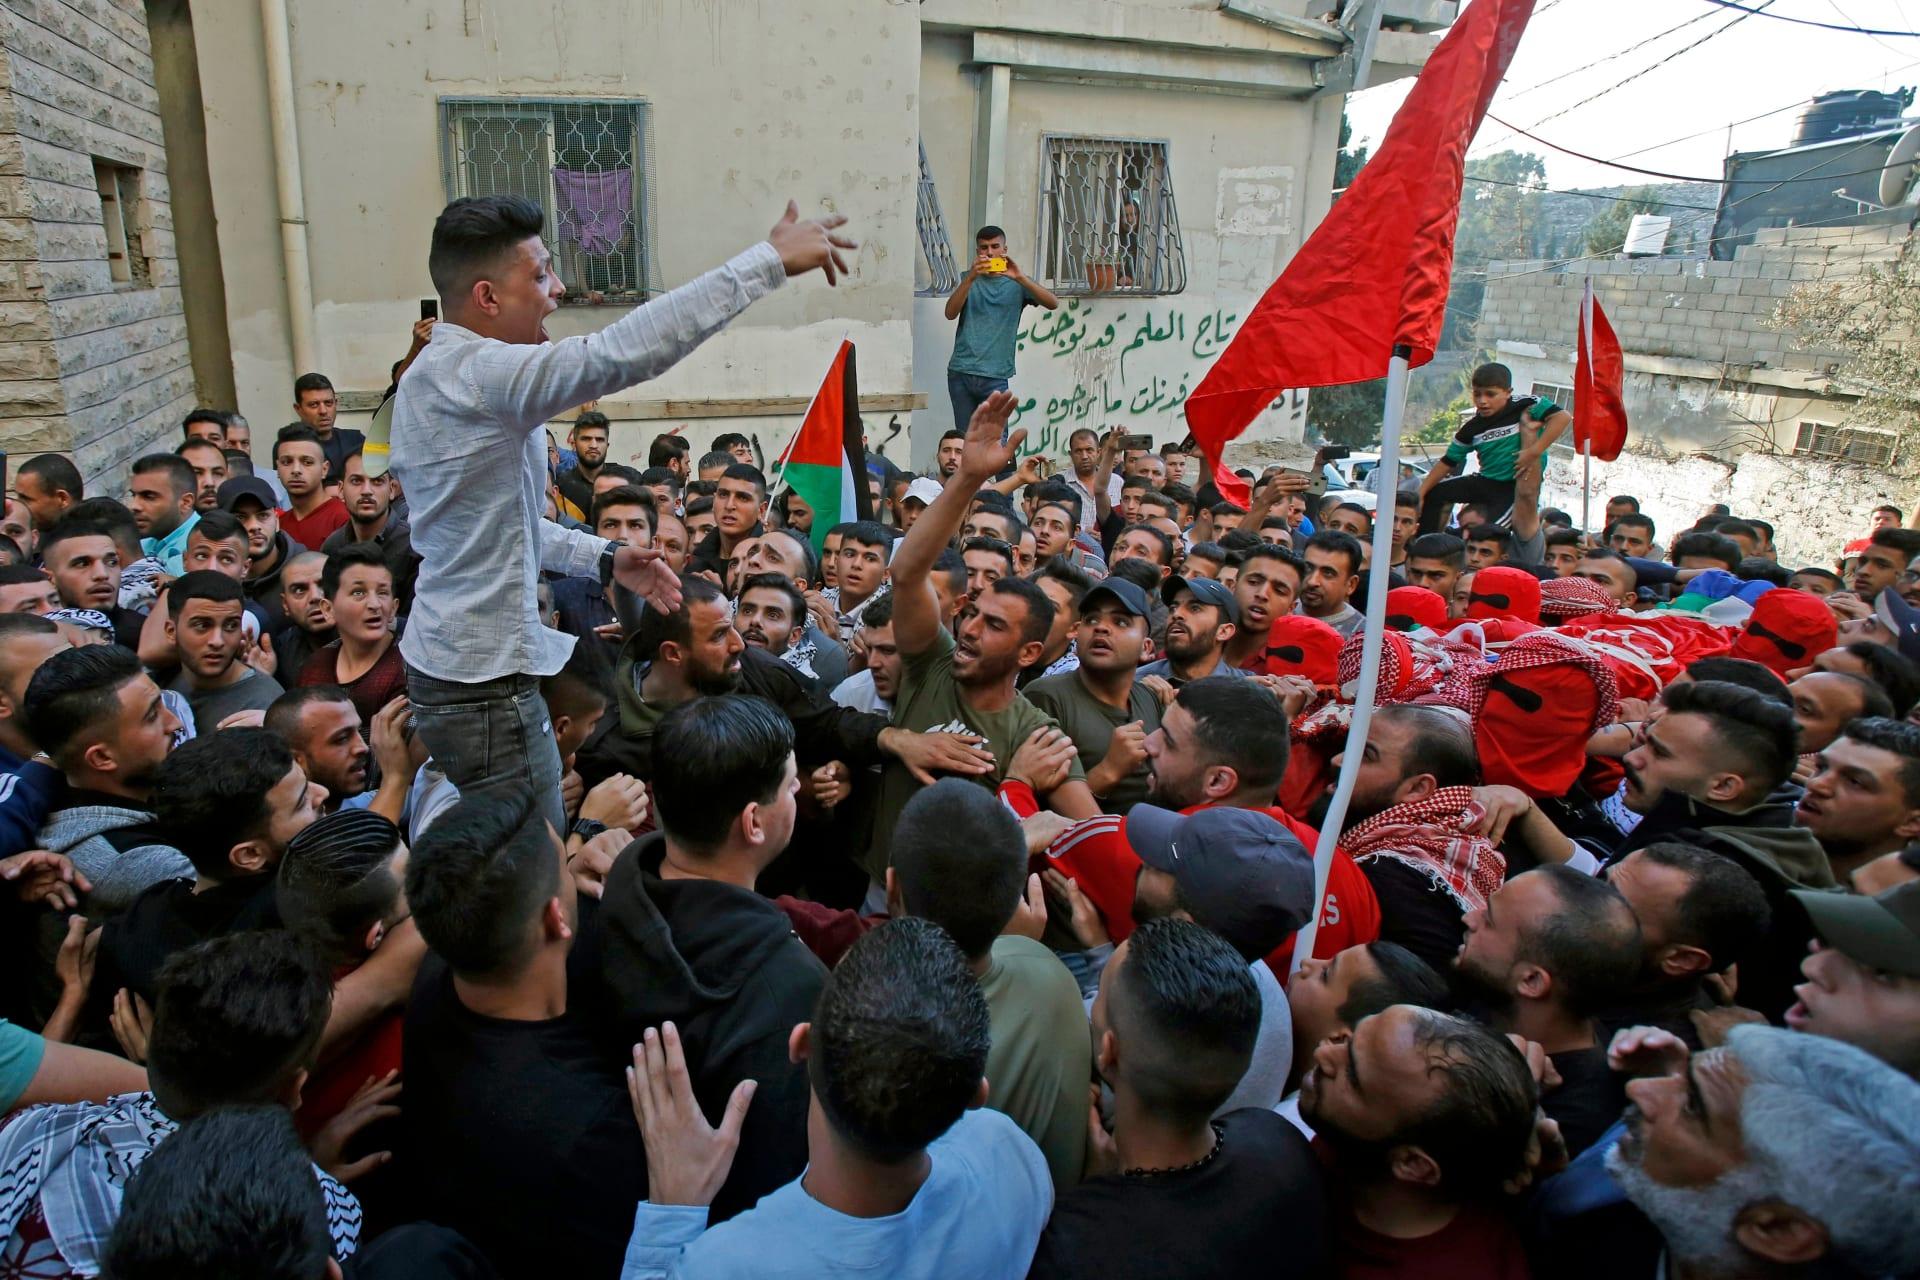 الأمم المتحدة تطالب بالتحقيق في قتل جنود إسرائيليين لشاب فلسطيني بالضفة الغربية